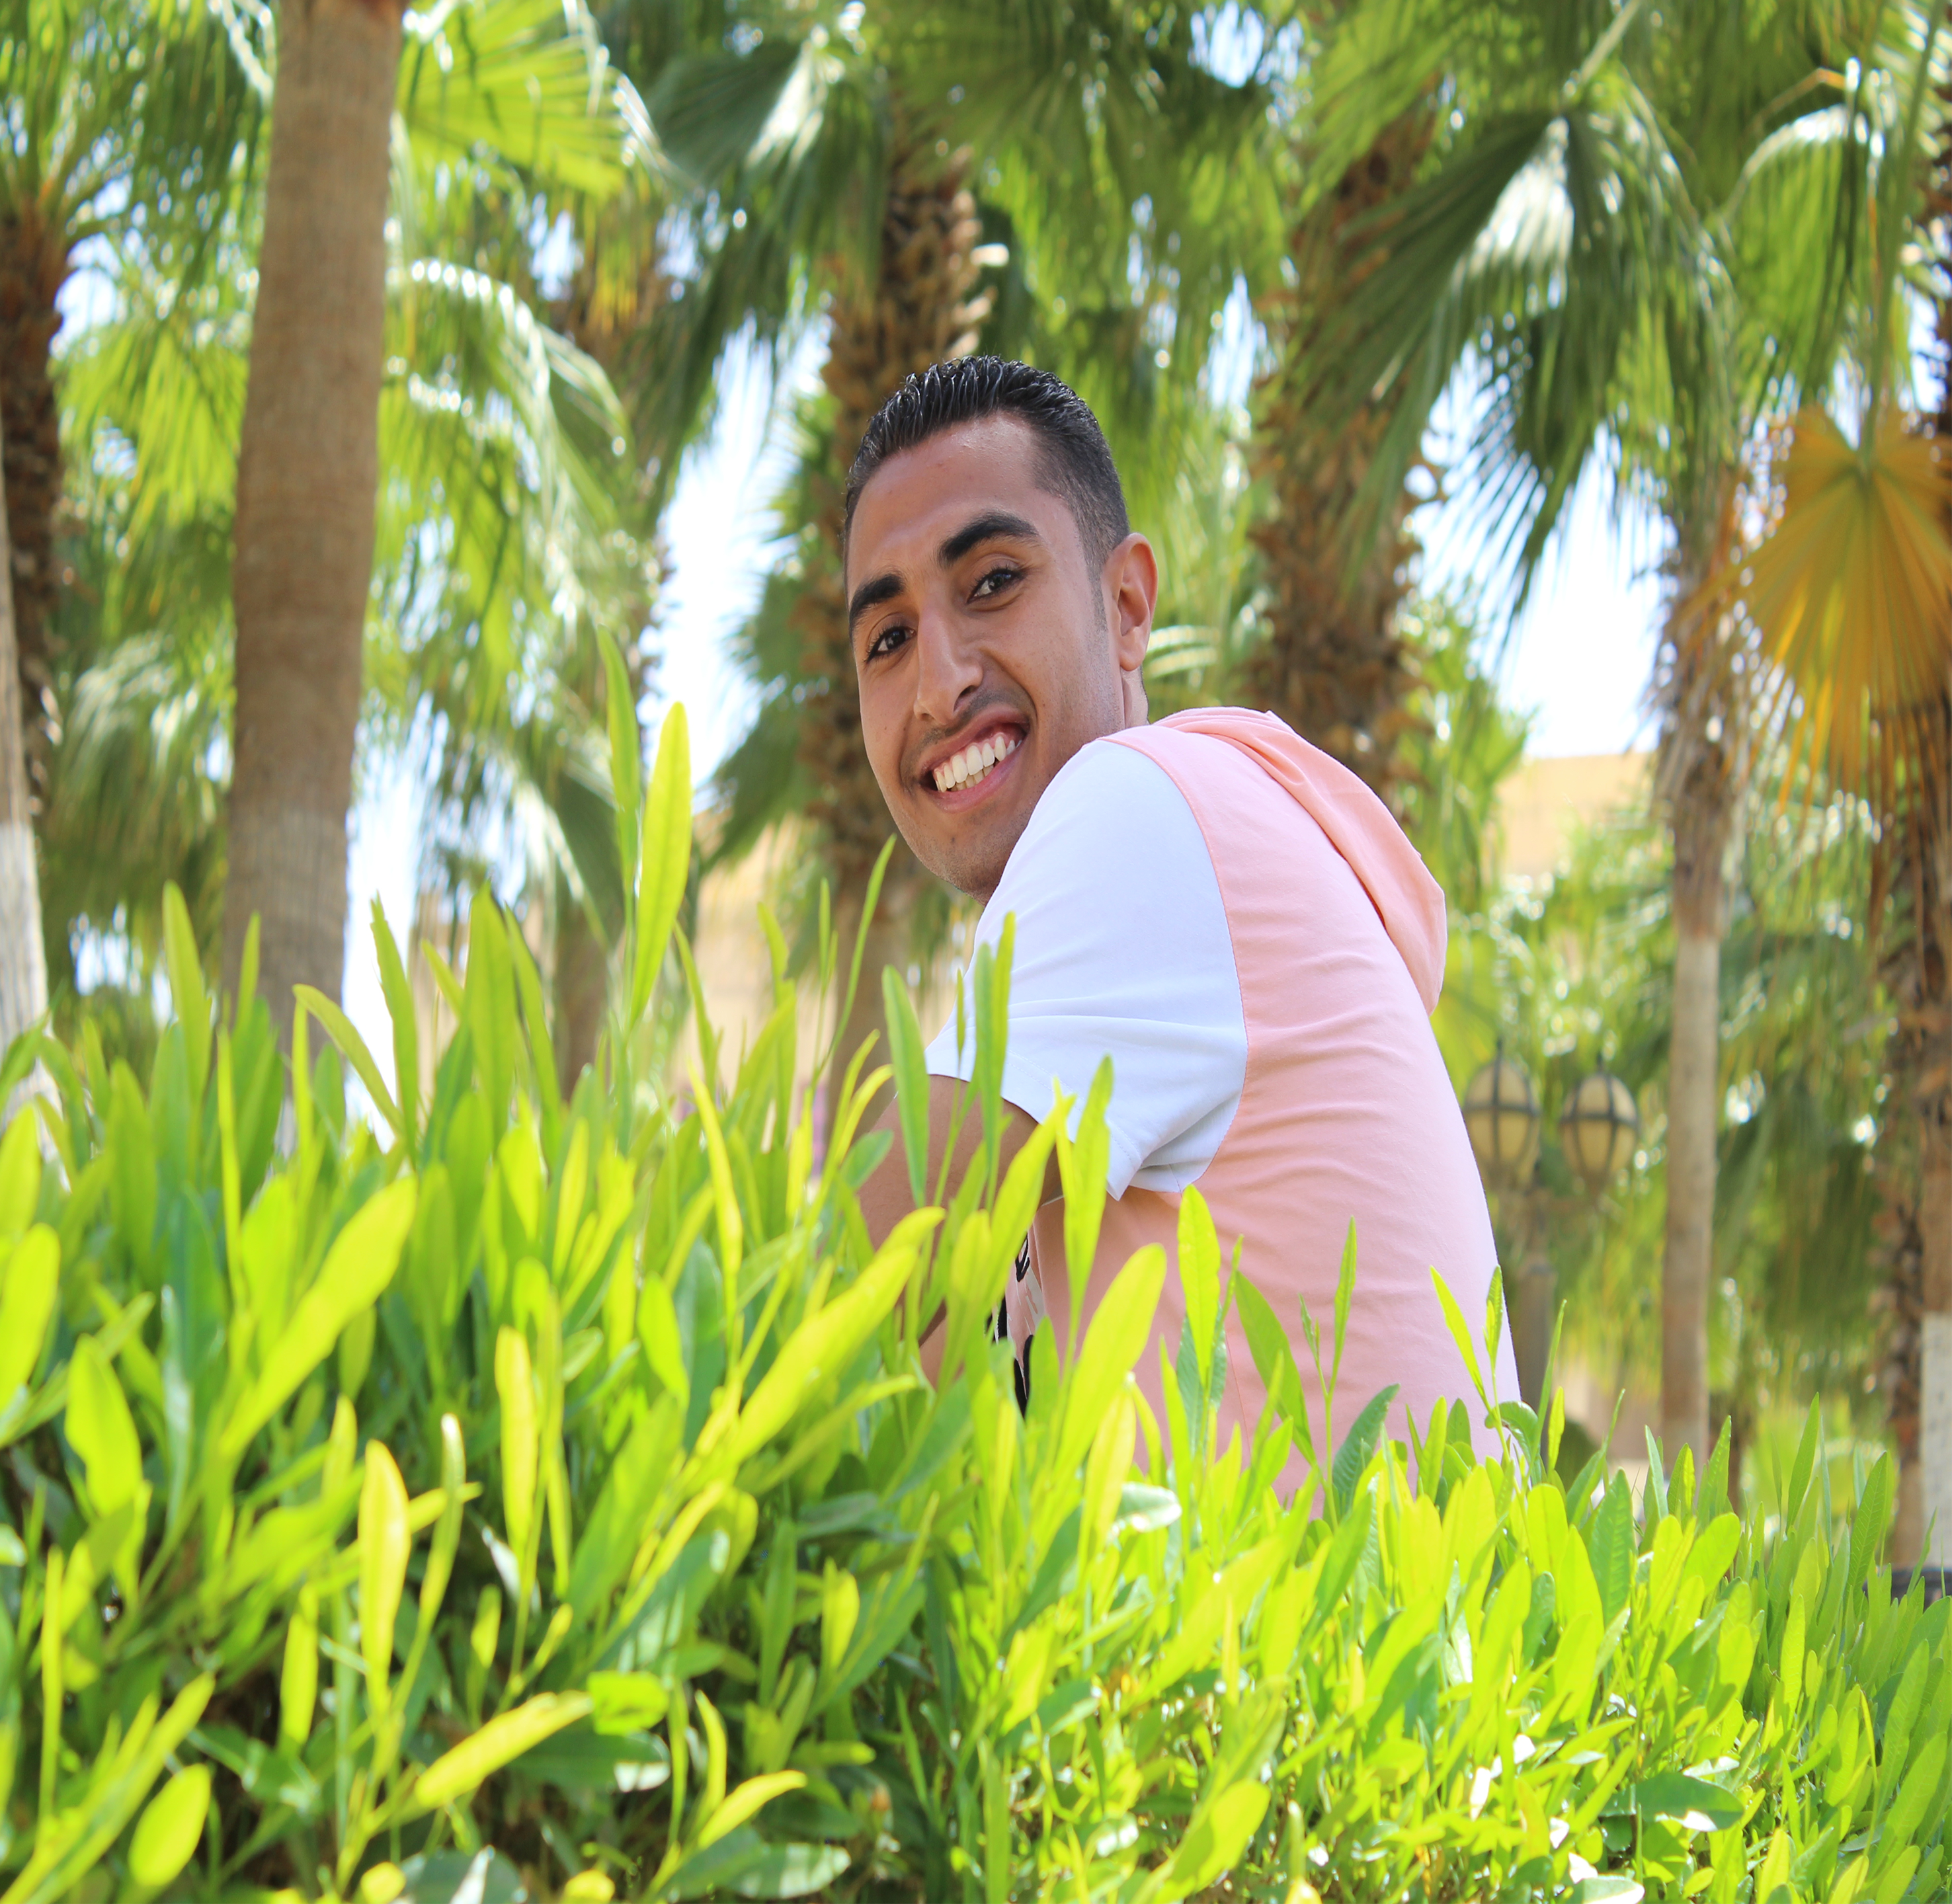 Mohamed Abd El-Latif